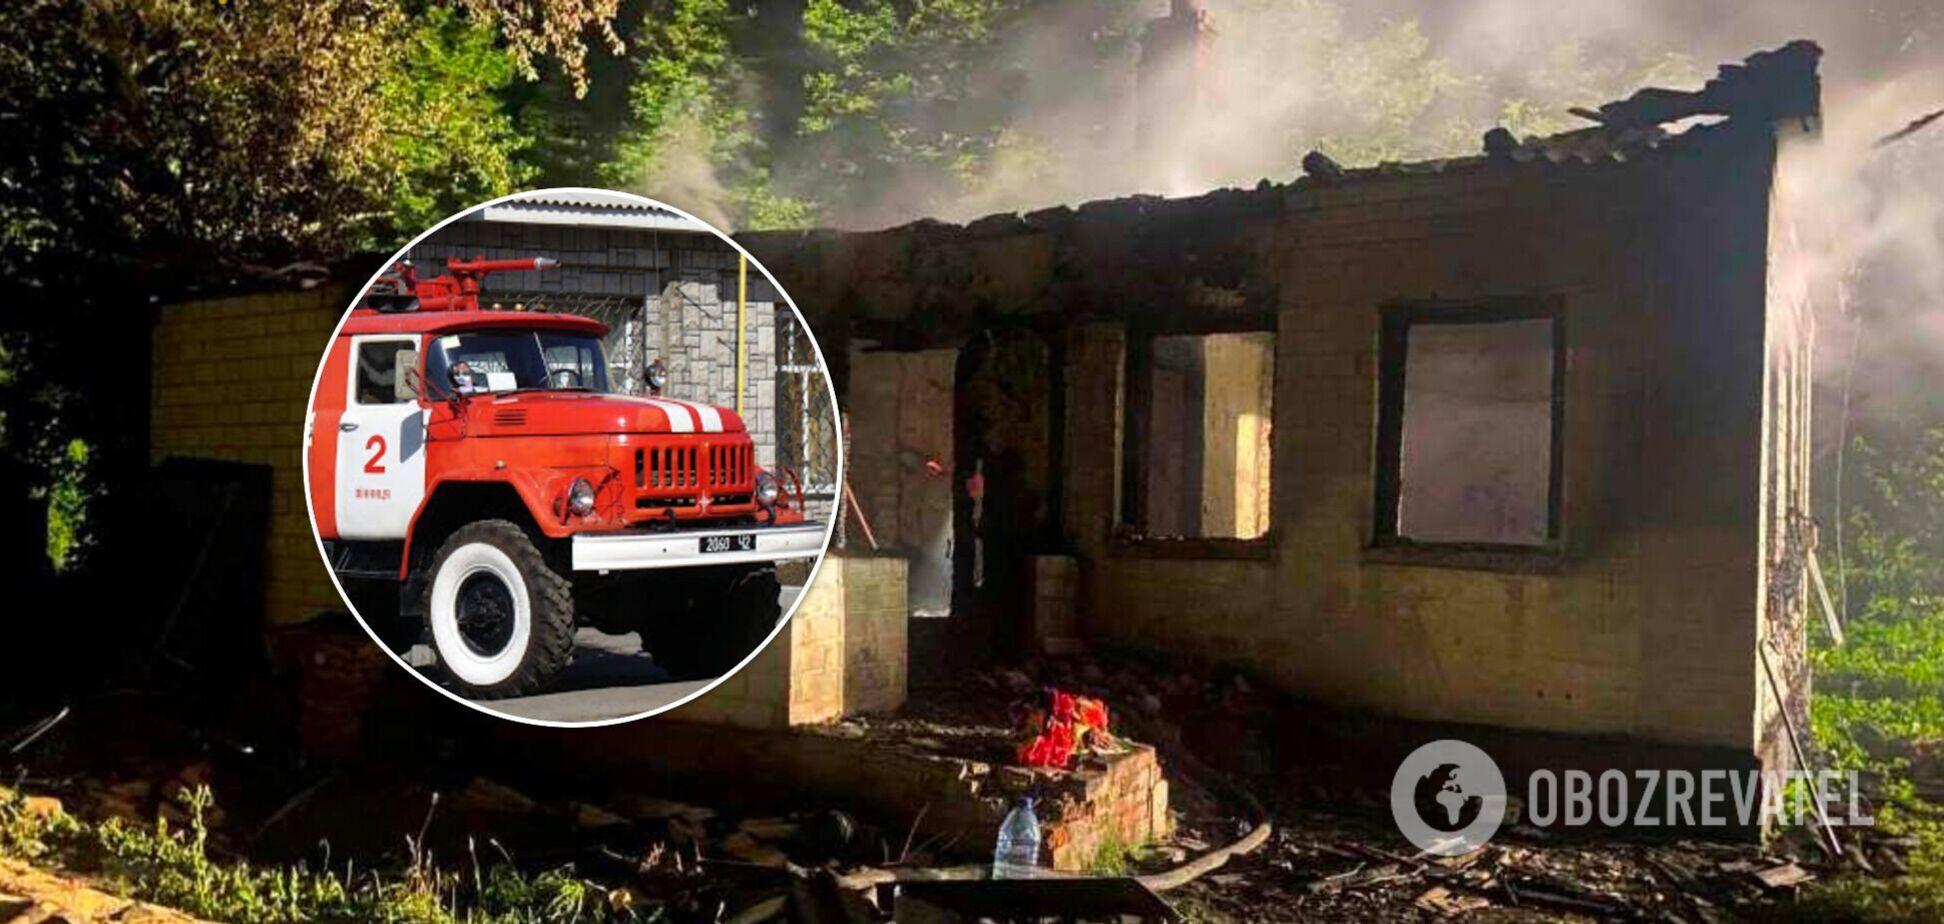 На Чернігівщині в пожежі загинуло молоде подружжя, у них залишилося двоє дітей. Фото